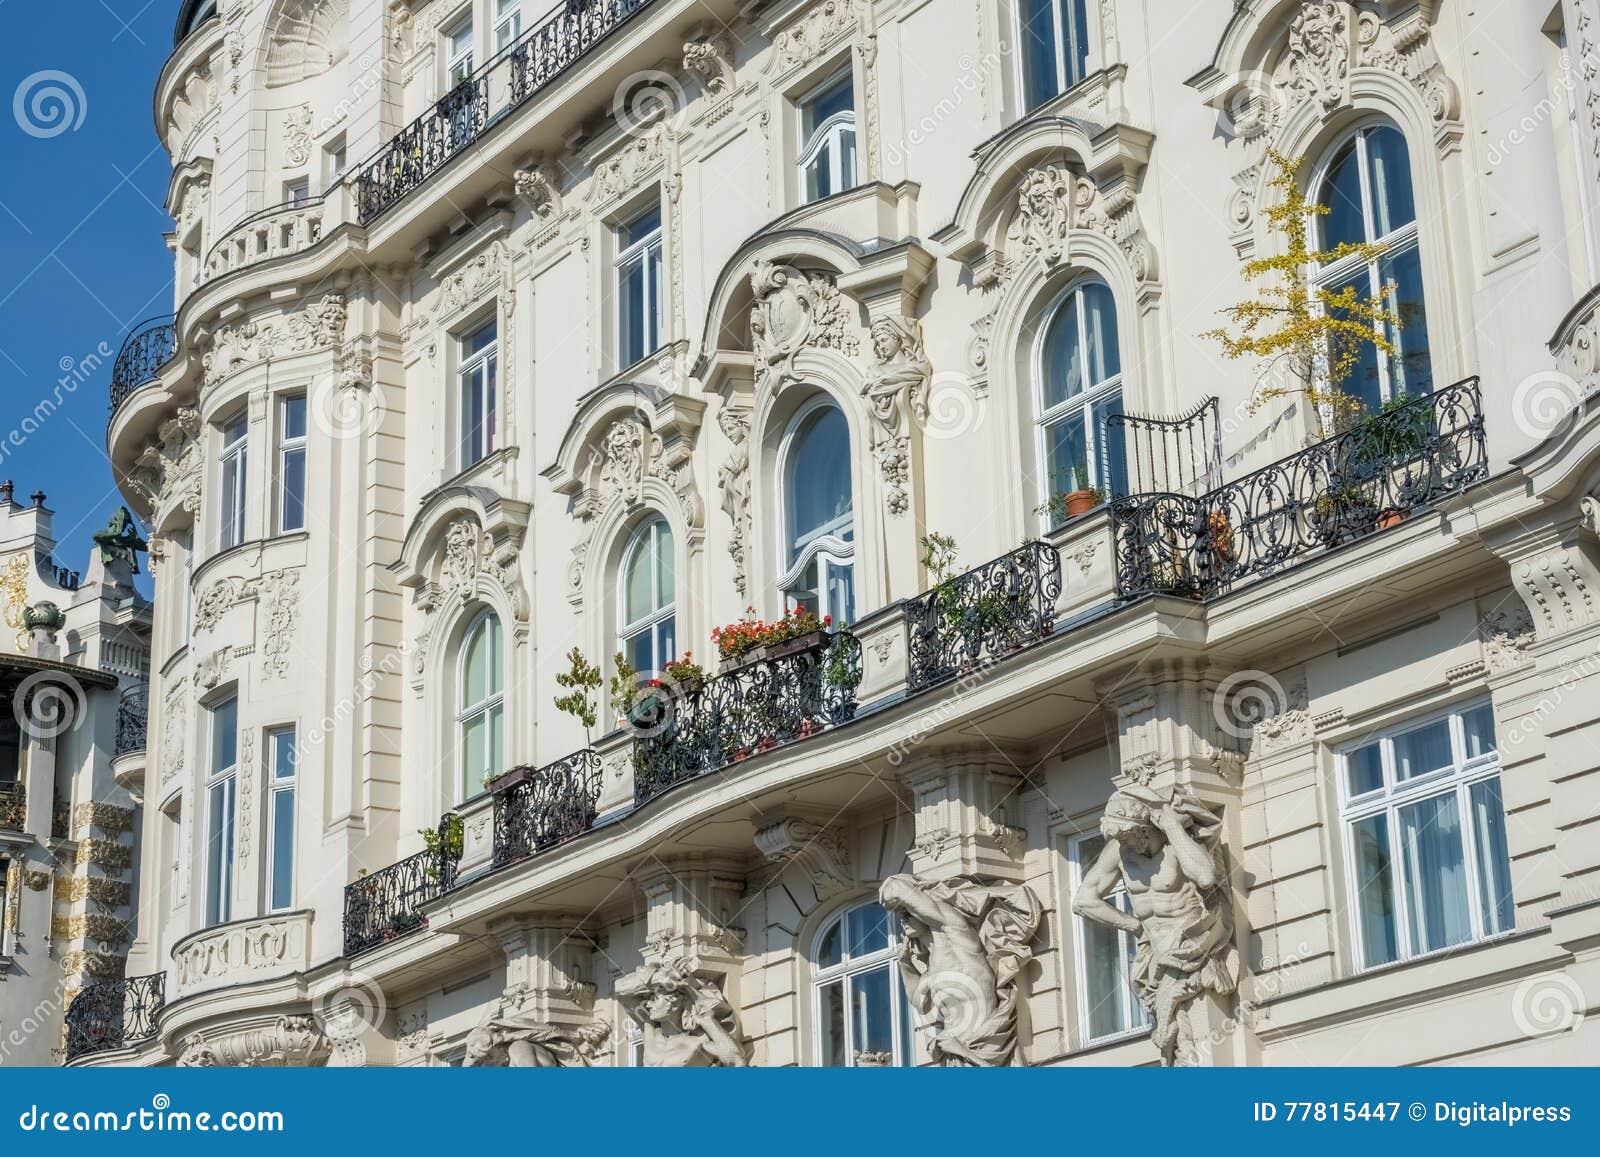 Architecture Vienna Art Nouveau